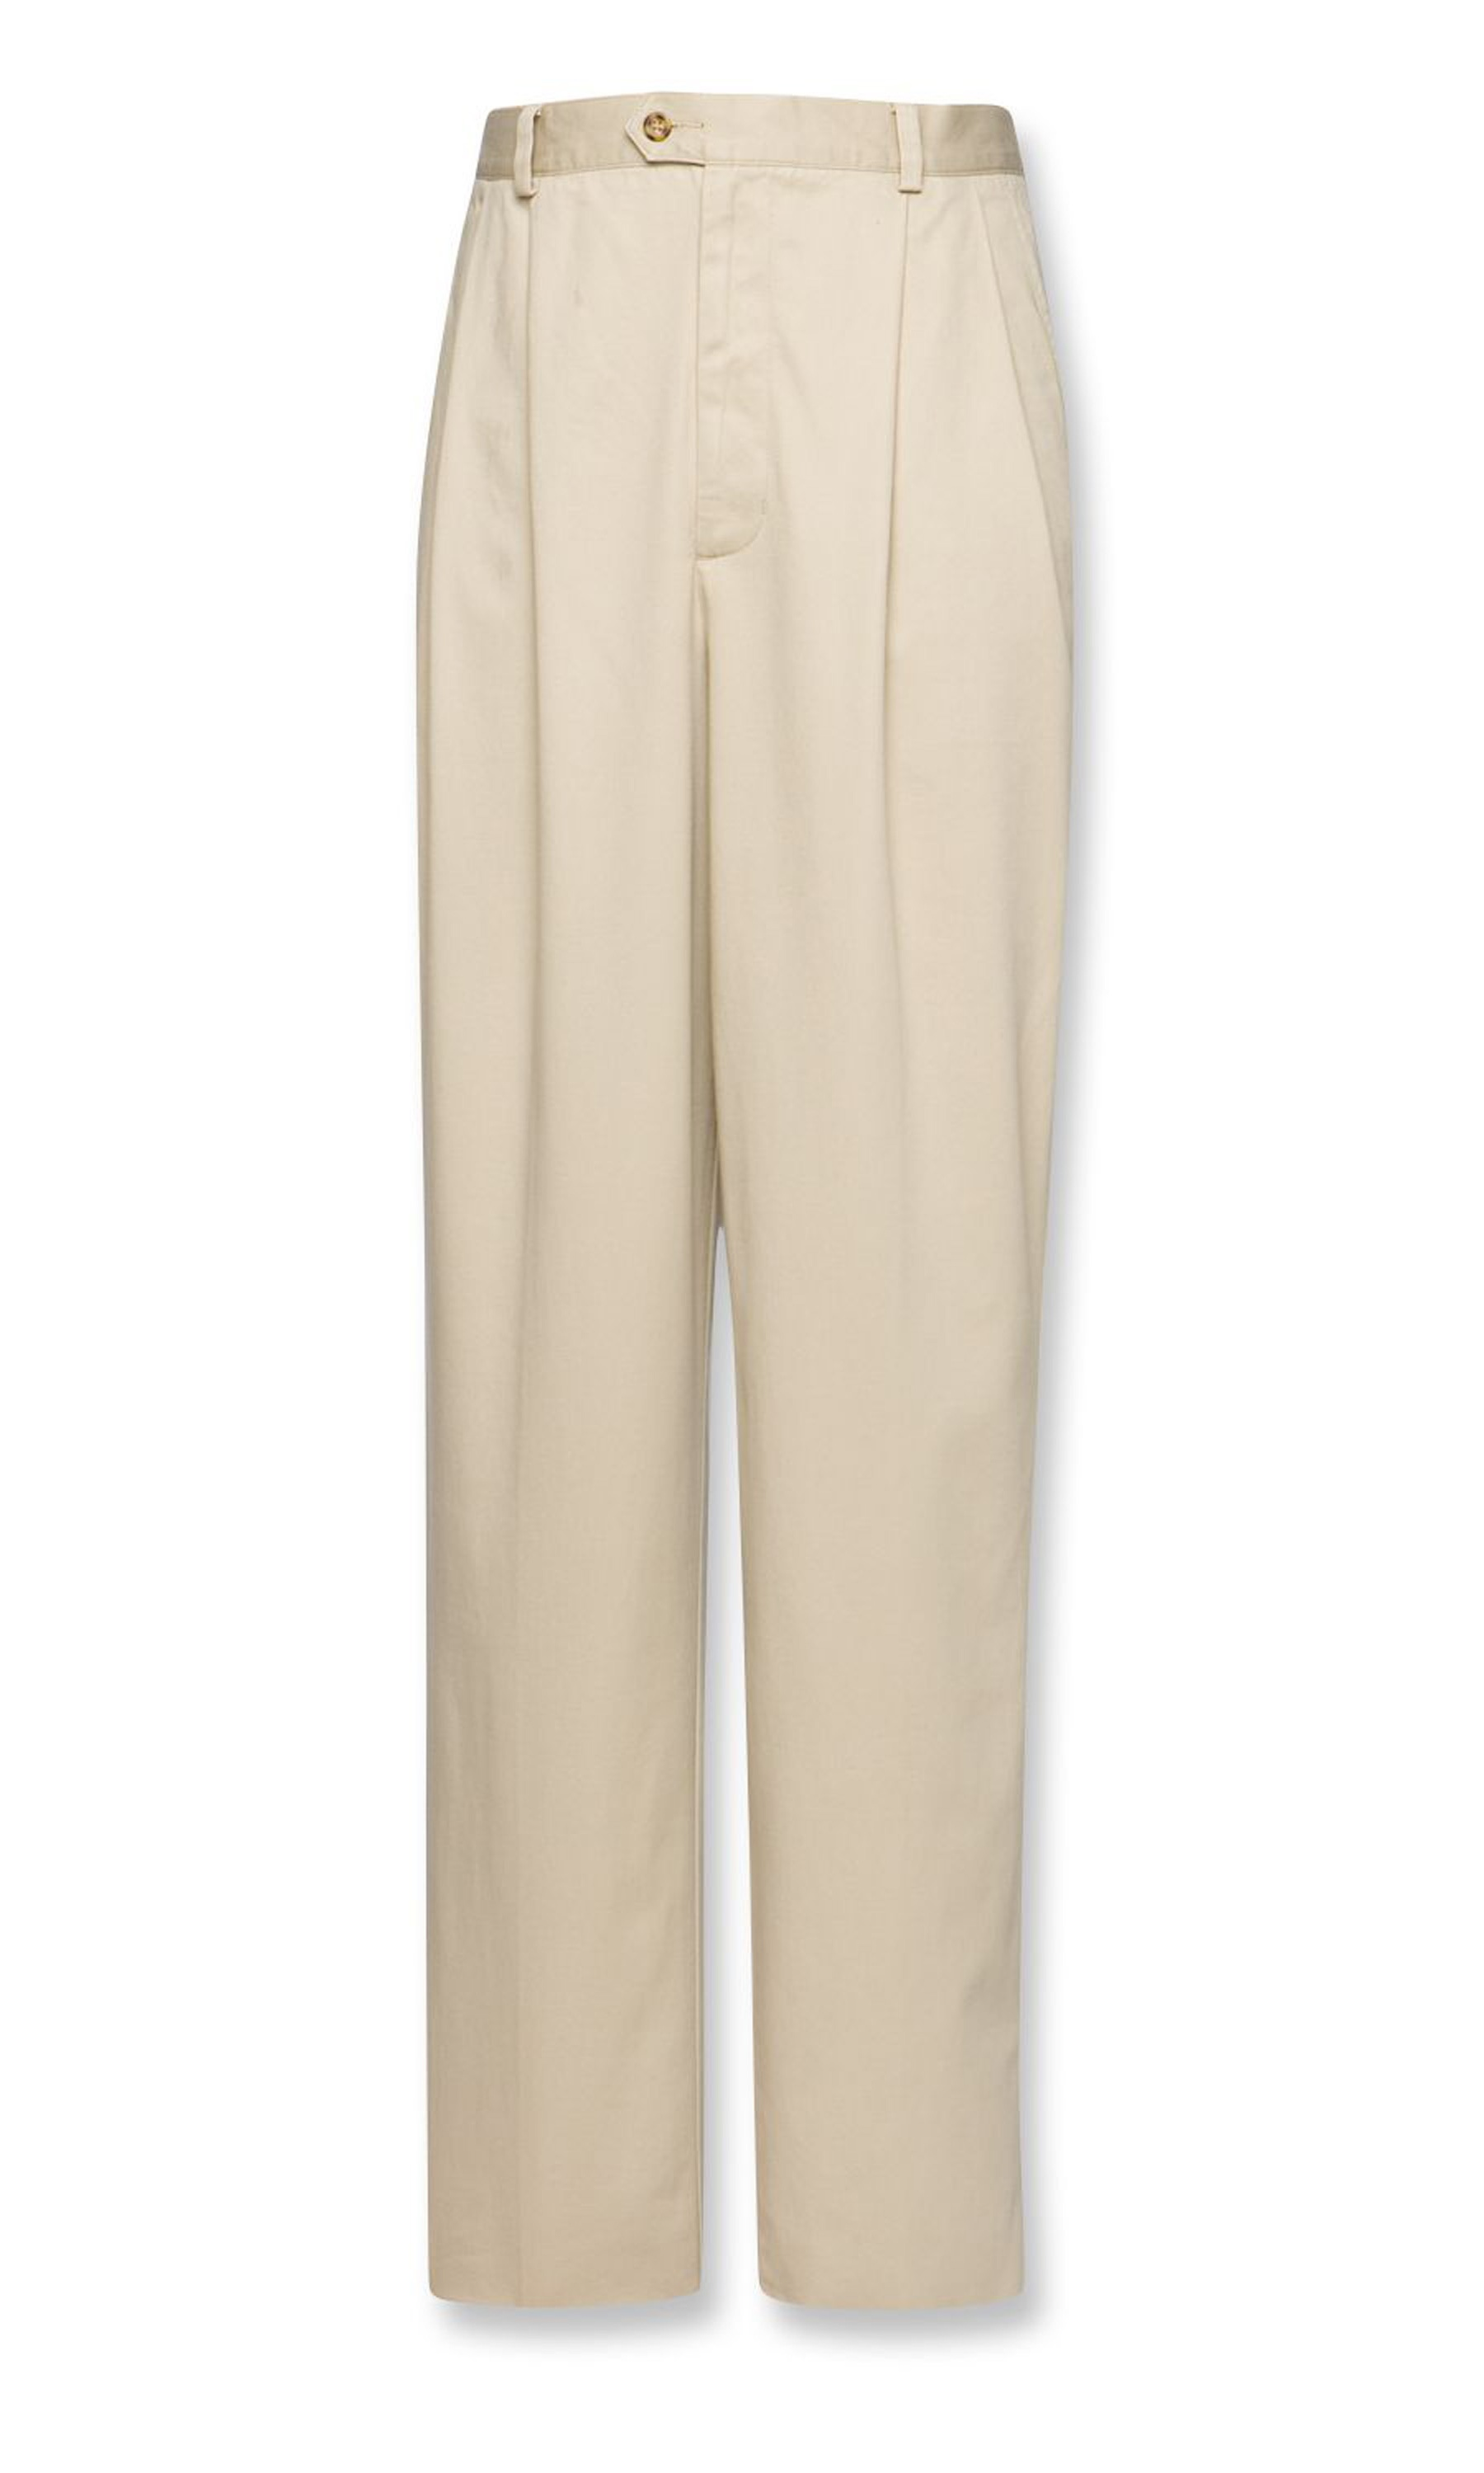 f17ff9b09d4 Walmart Big And Tall Dress Pants – DACC